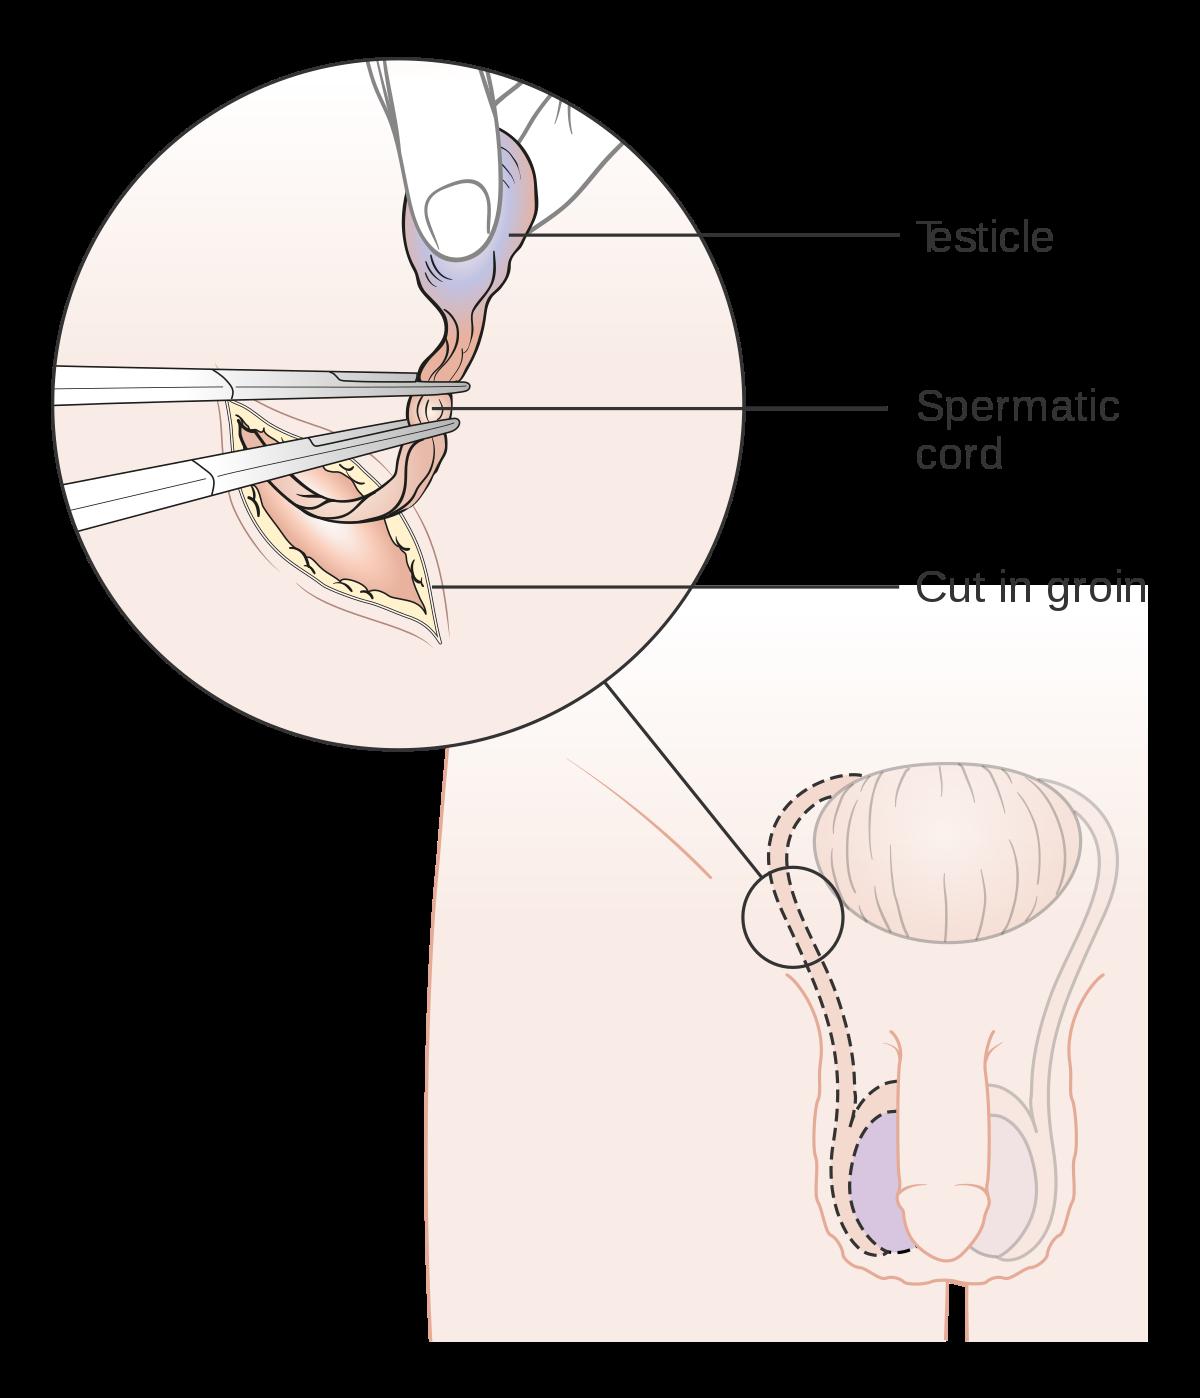 orchiektomie